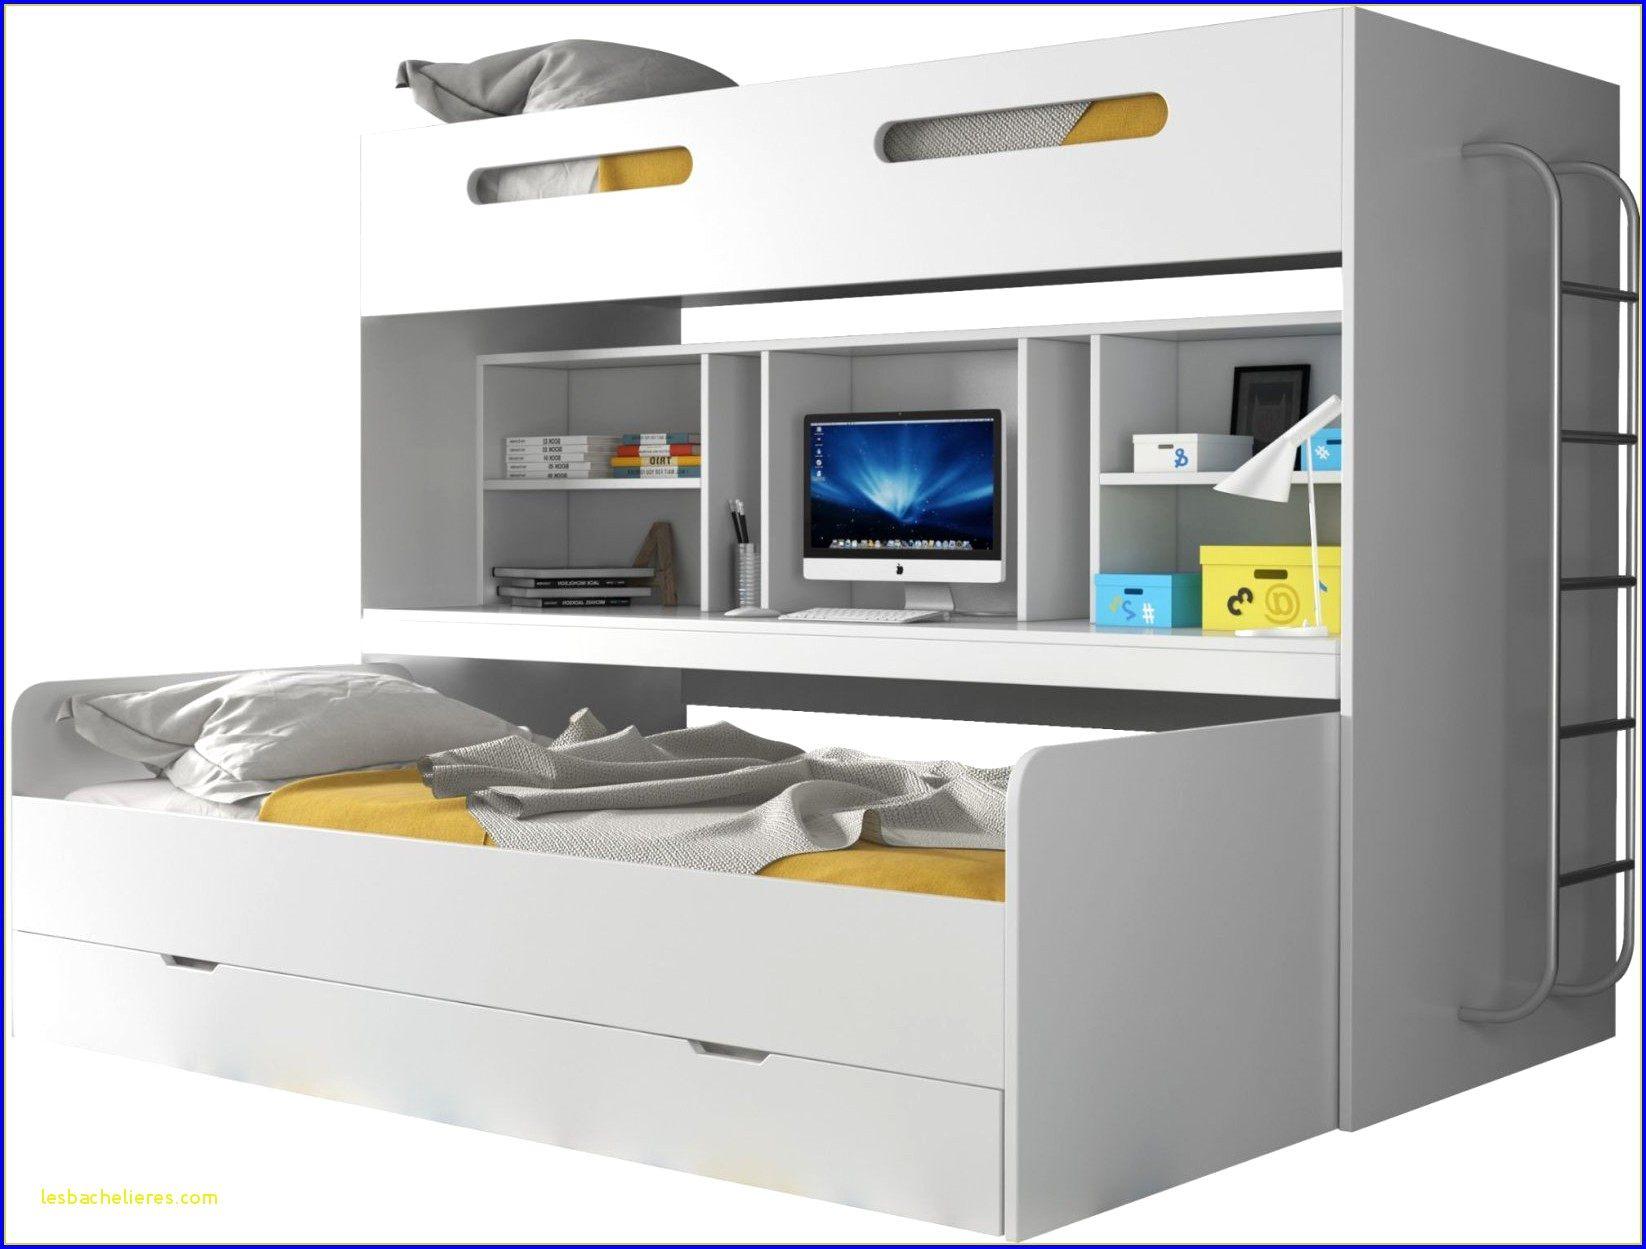 Lit Superposé Avec Bureau Le Luxe Résultat Supérieur 95 Luxe Lit Biné Armoire Bureau Image 2018